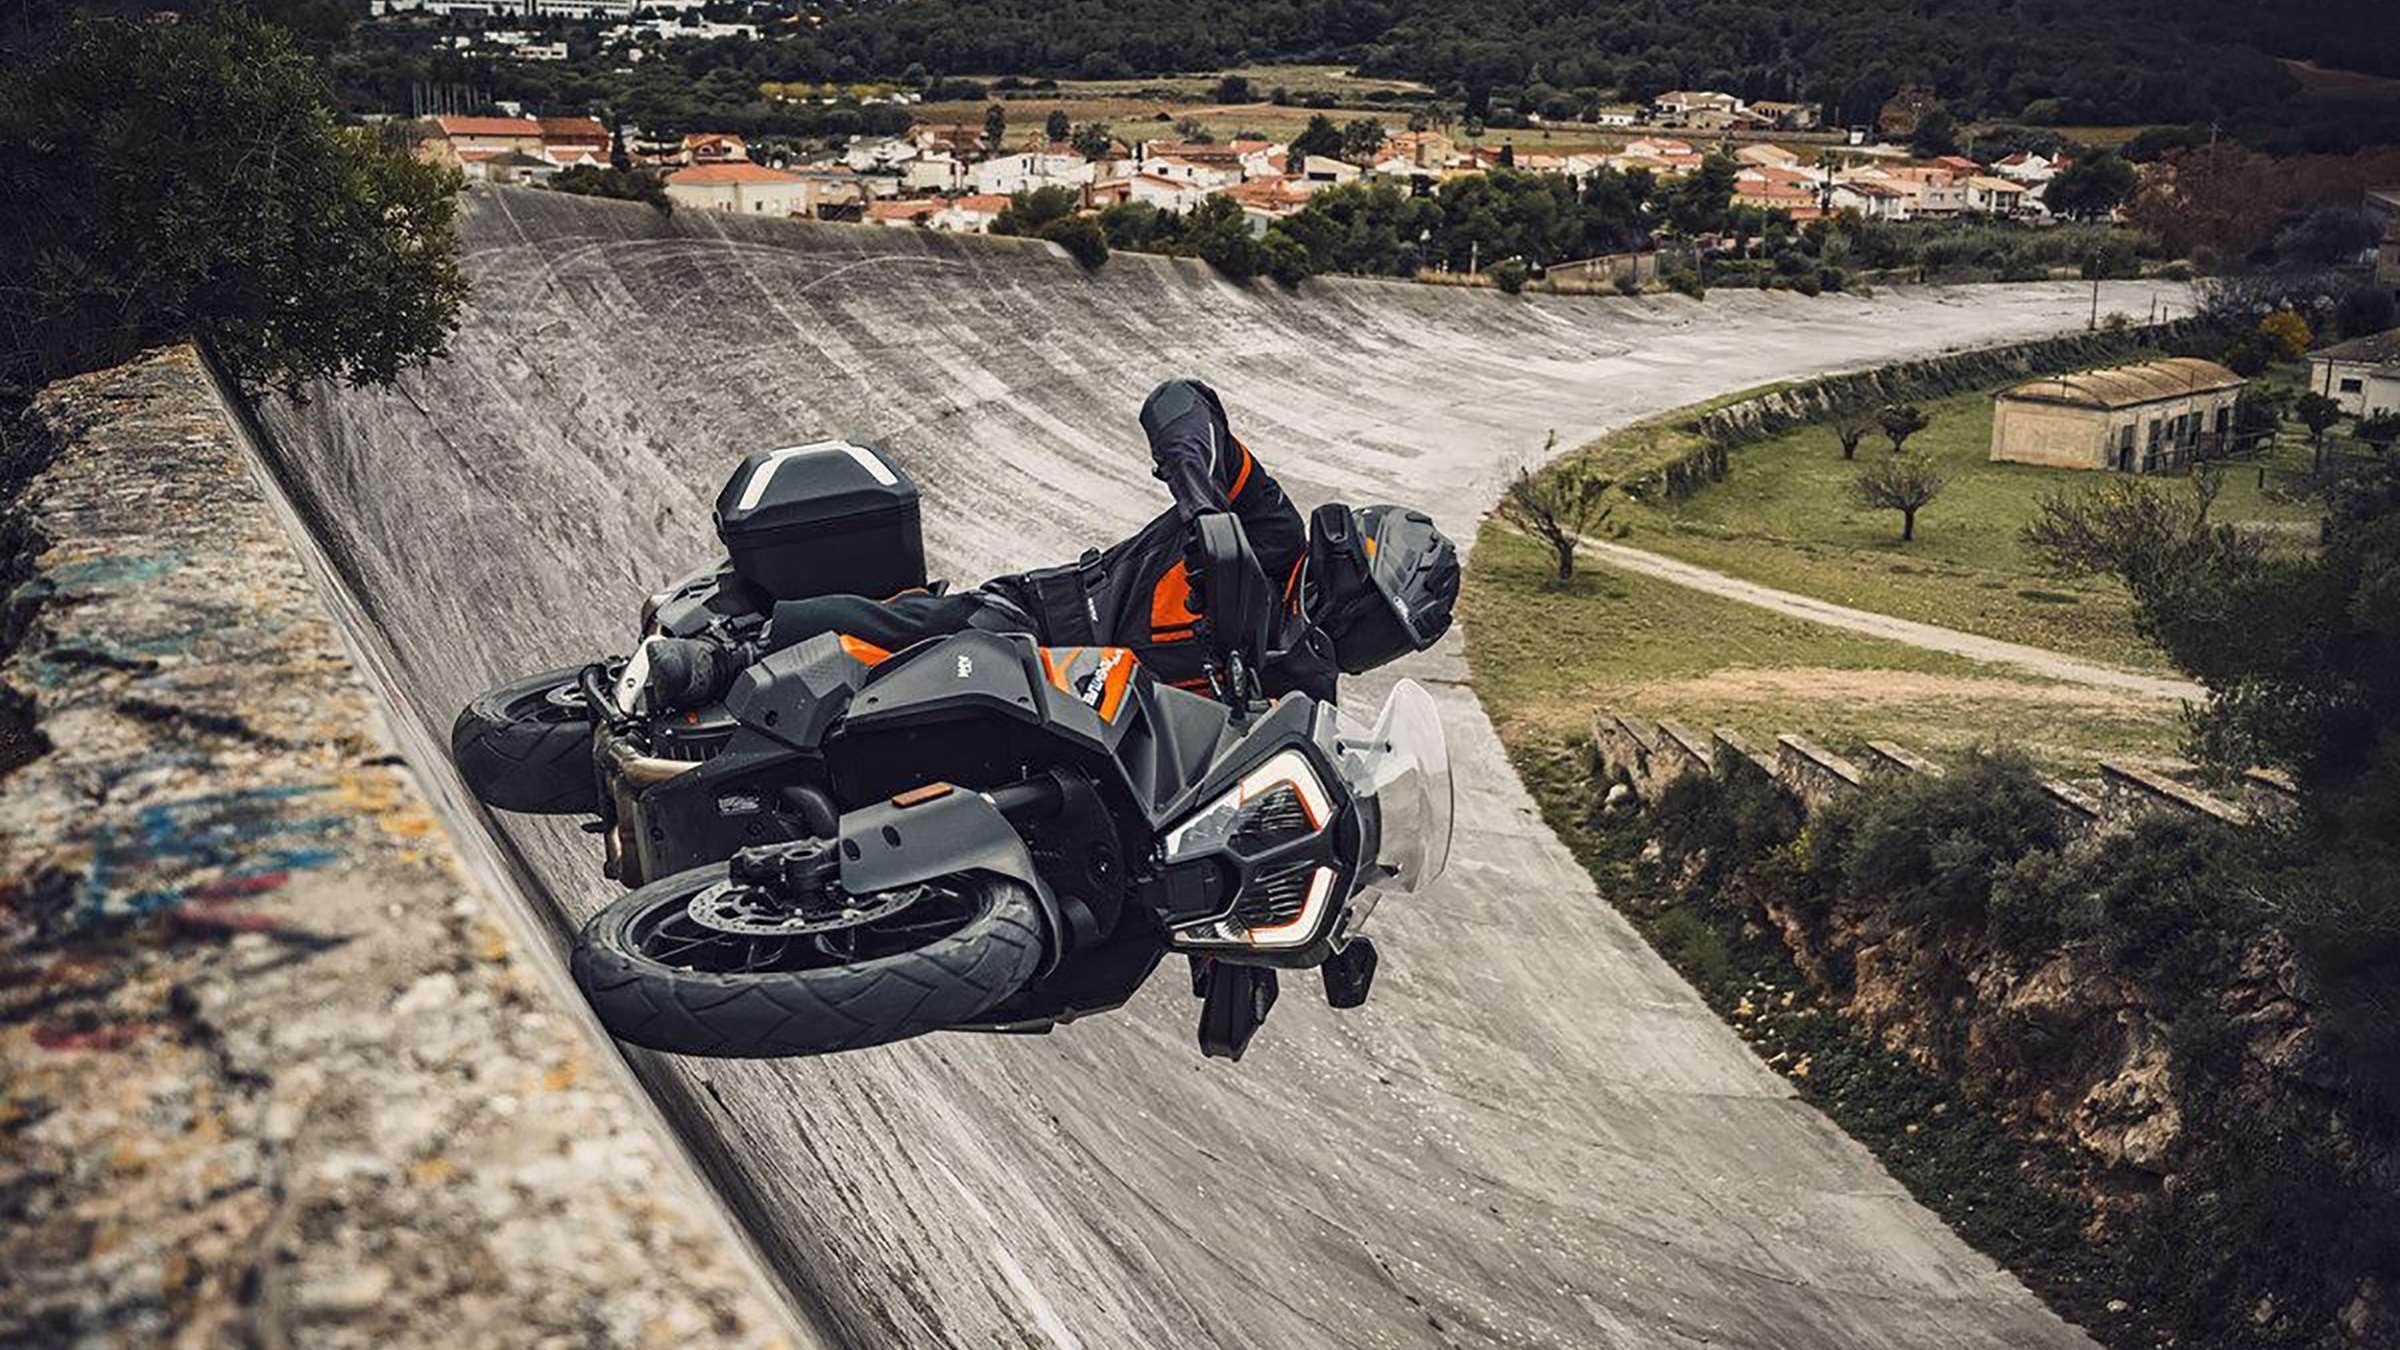 KTM unveils updated 1290 Super Adventure S